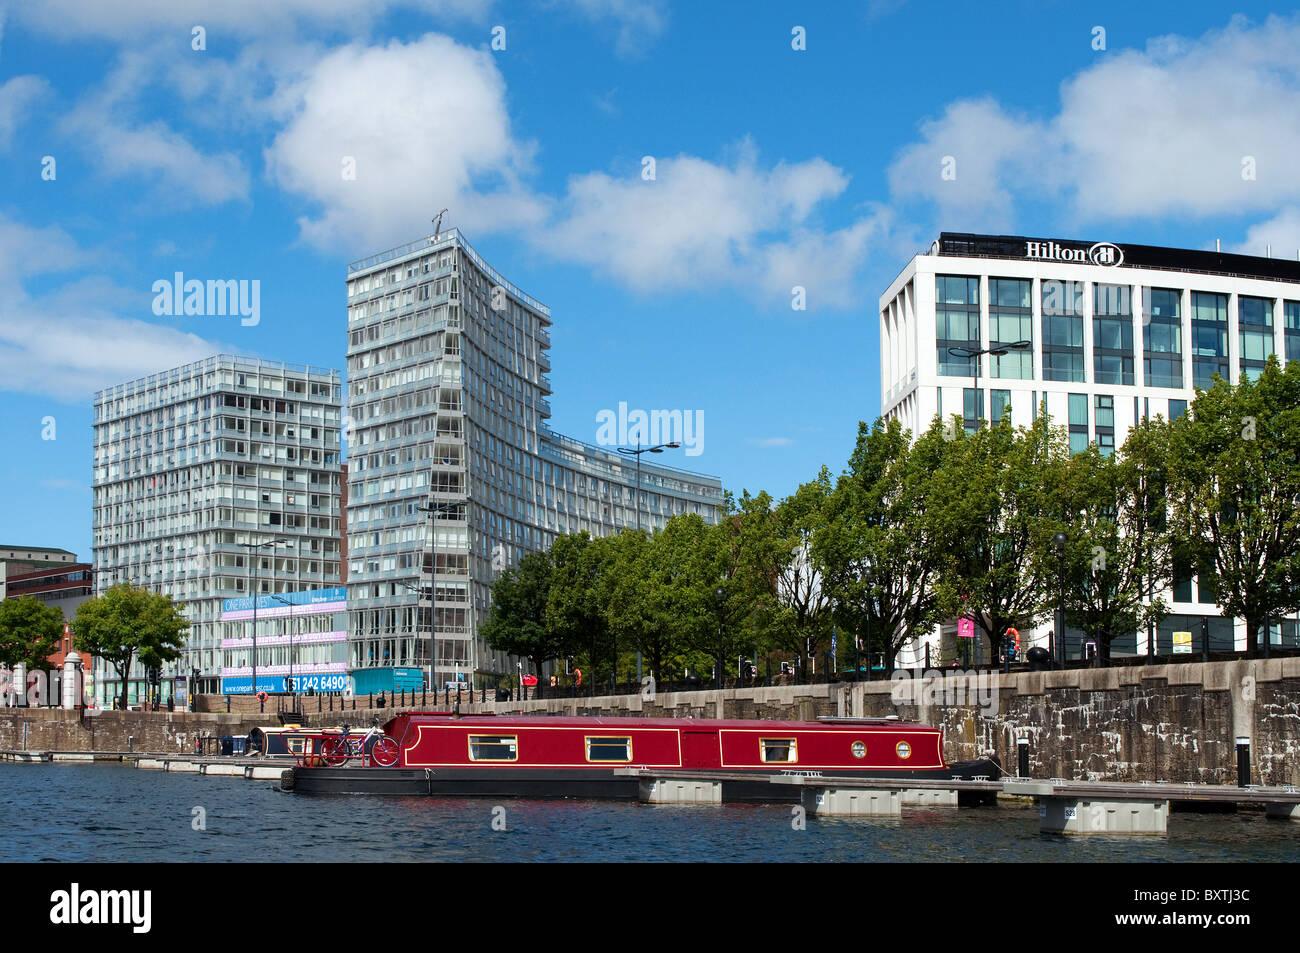 Hôtels et appartements sur le front de mer de Liverpool, Royaume-Uni Photo Stock